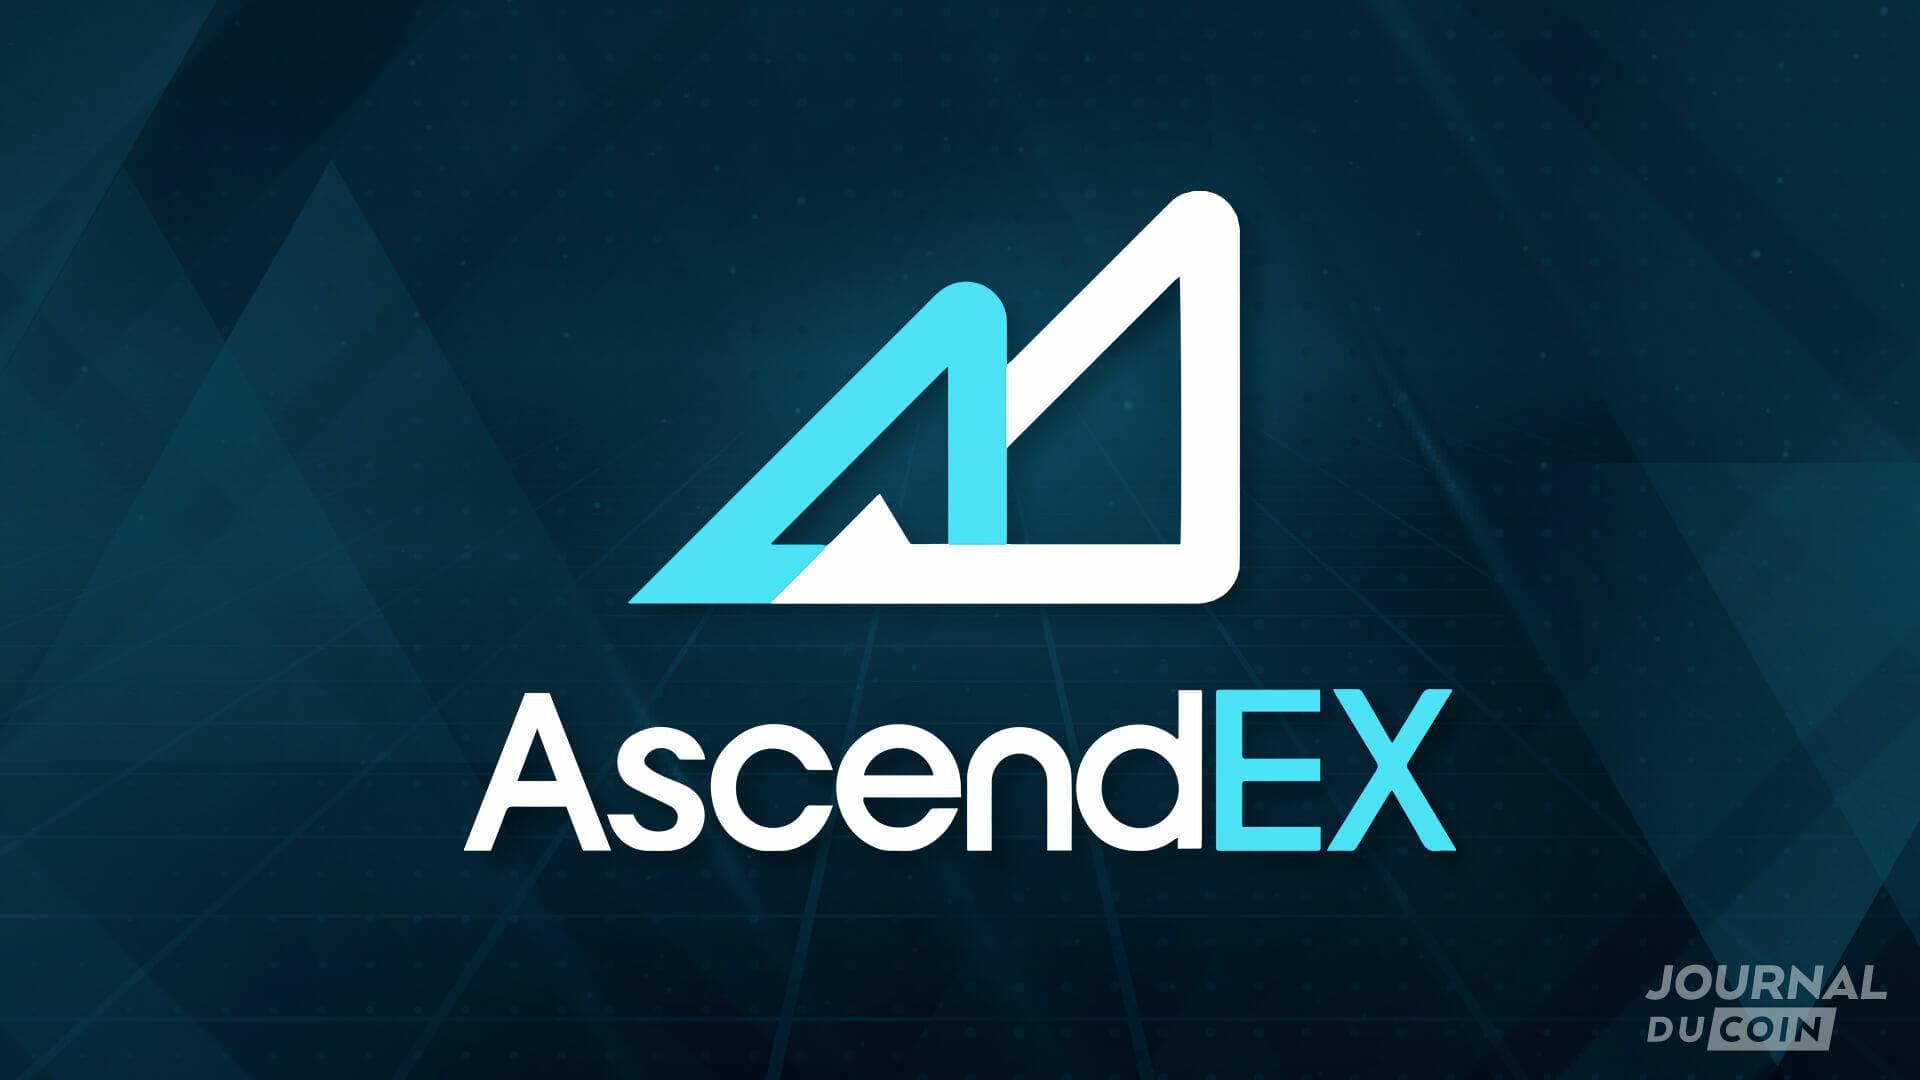 Conserver ses rendements de staking tout en tradant : AscendEX à la pointe de l'innovation DeFi